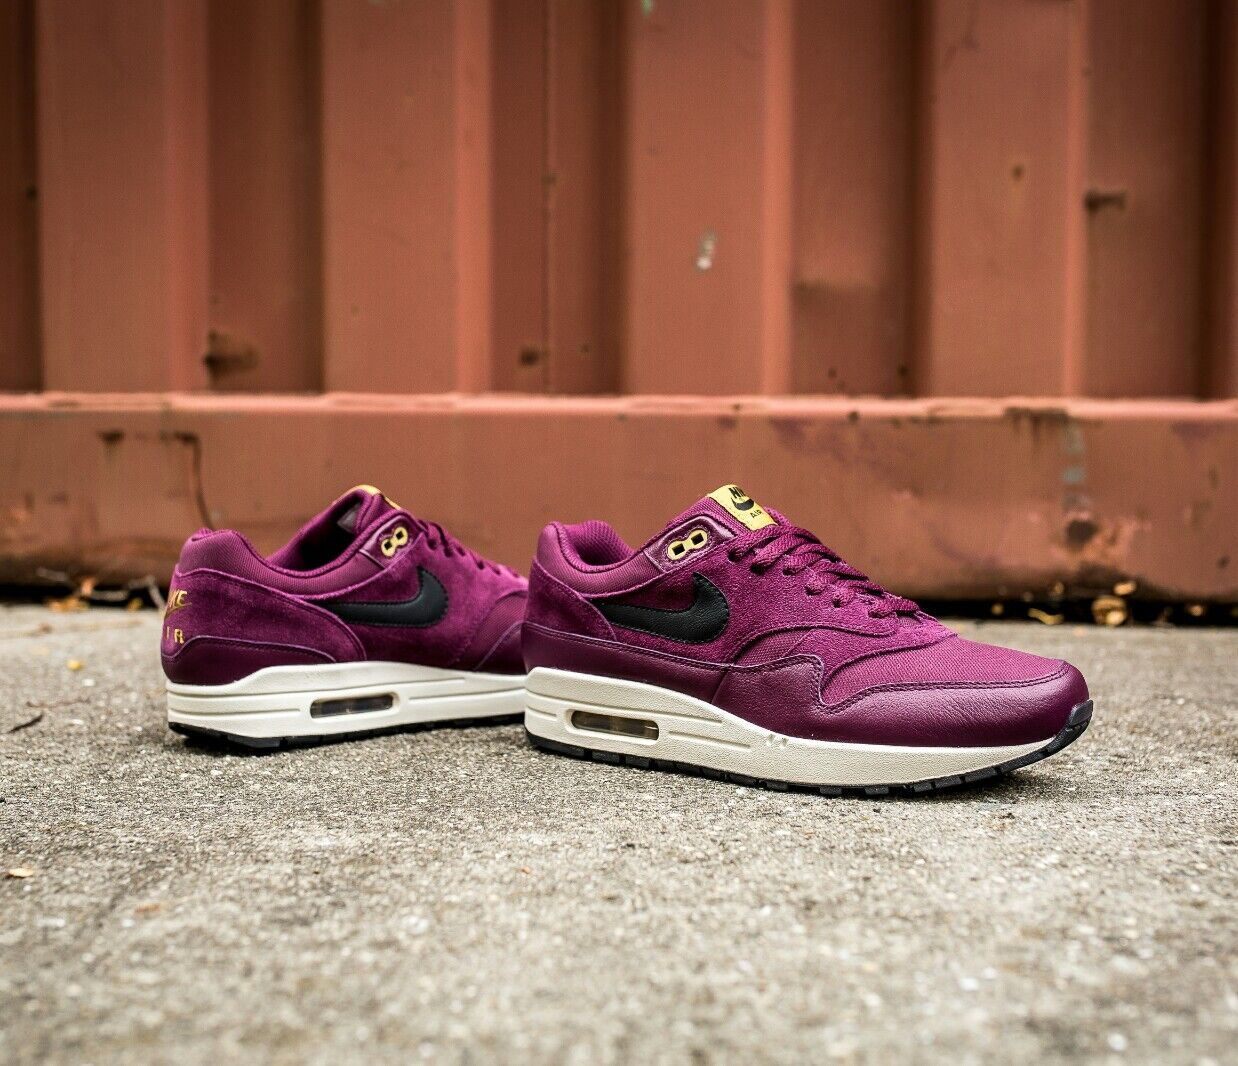 Nike air max 1 premio sonodiventate bordeaux burro extra borgogna in scarpe da ginnastica